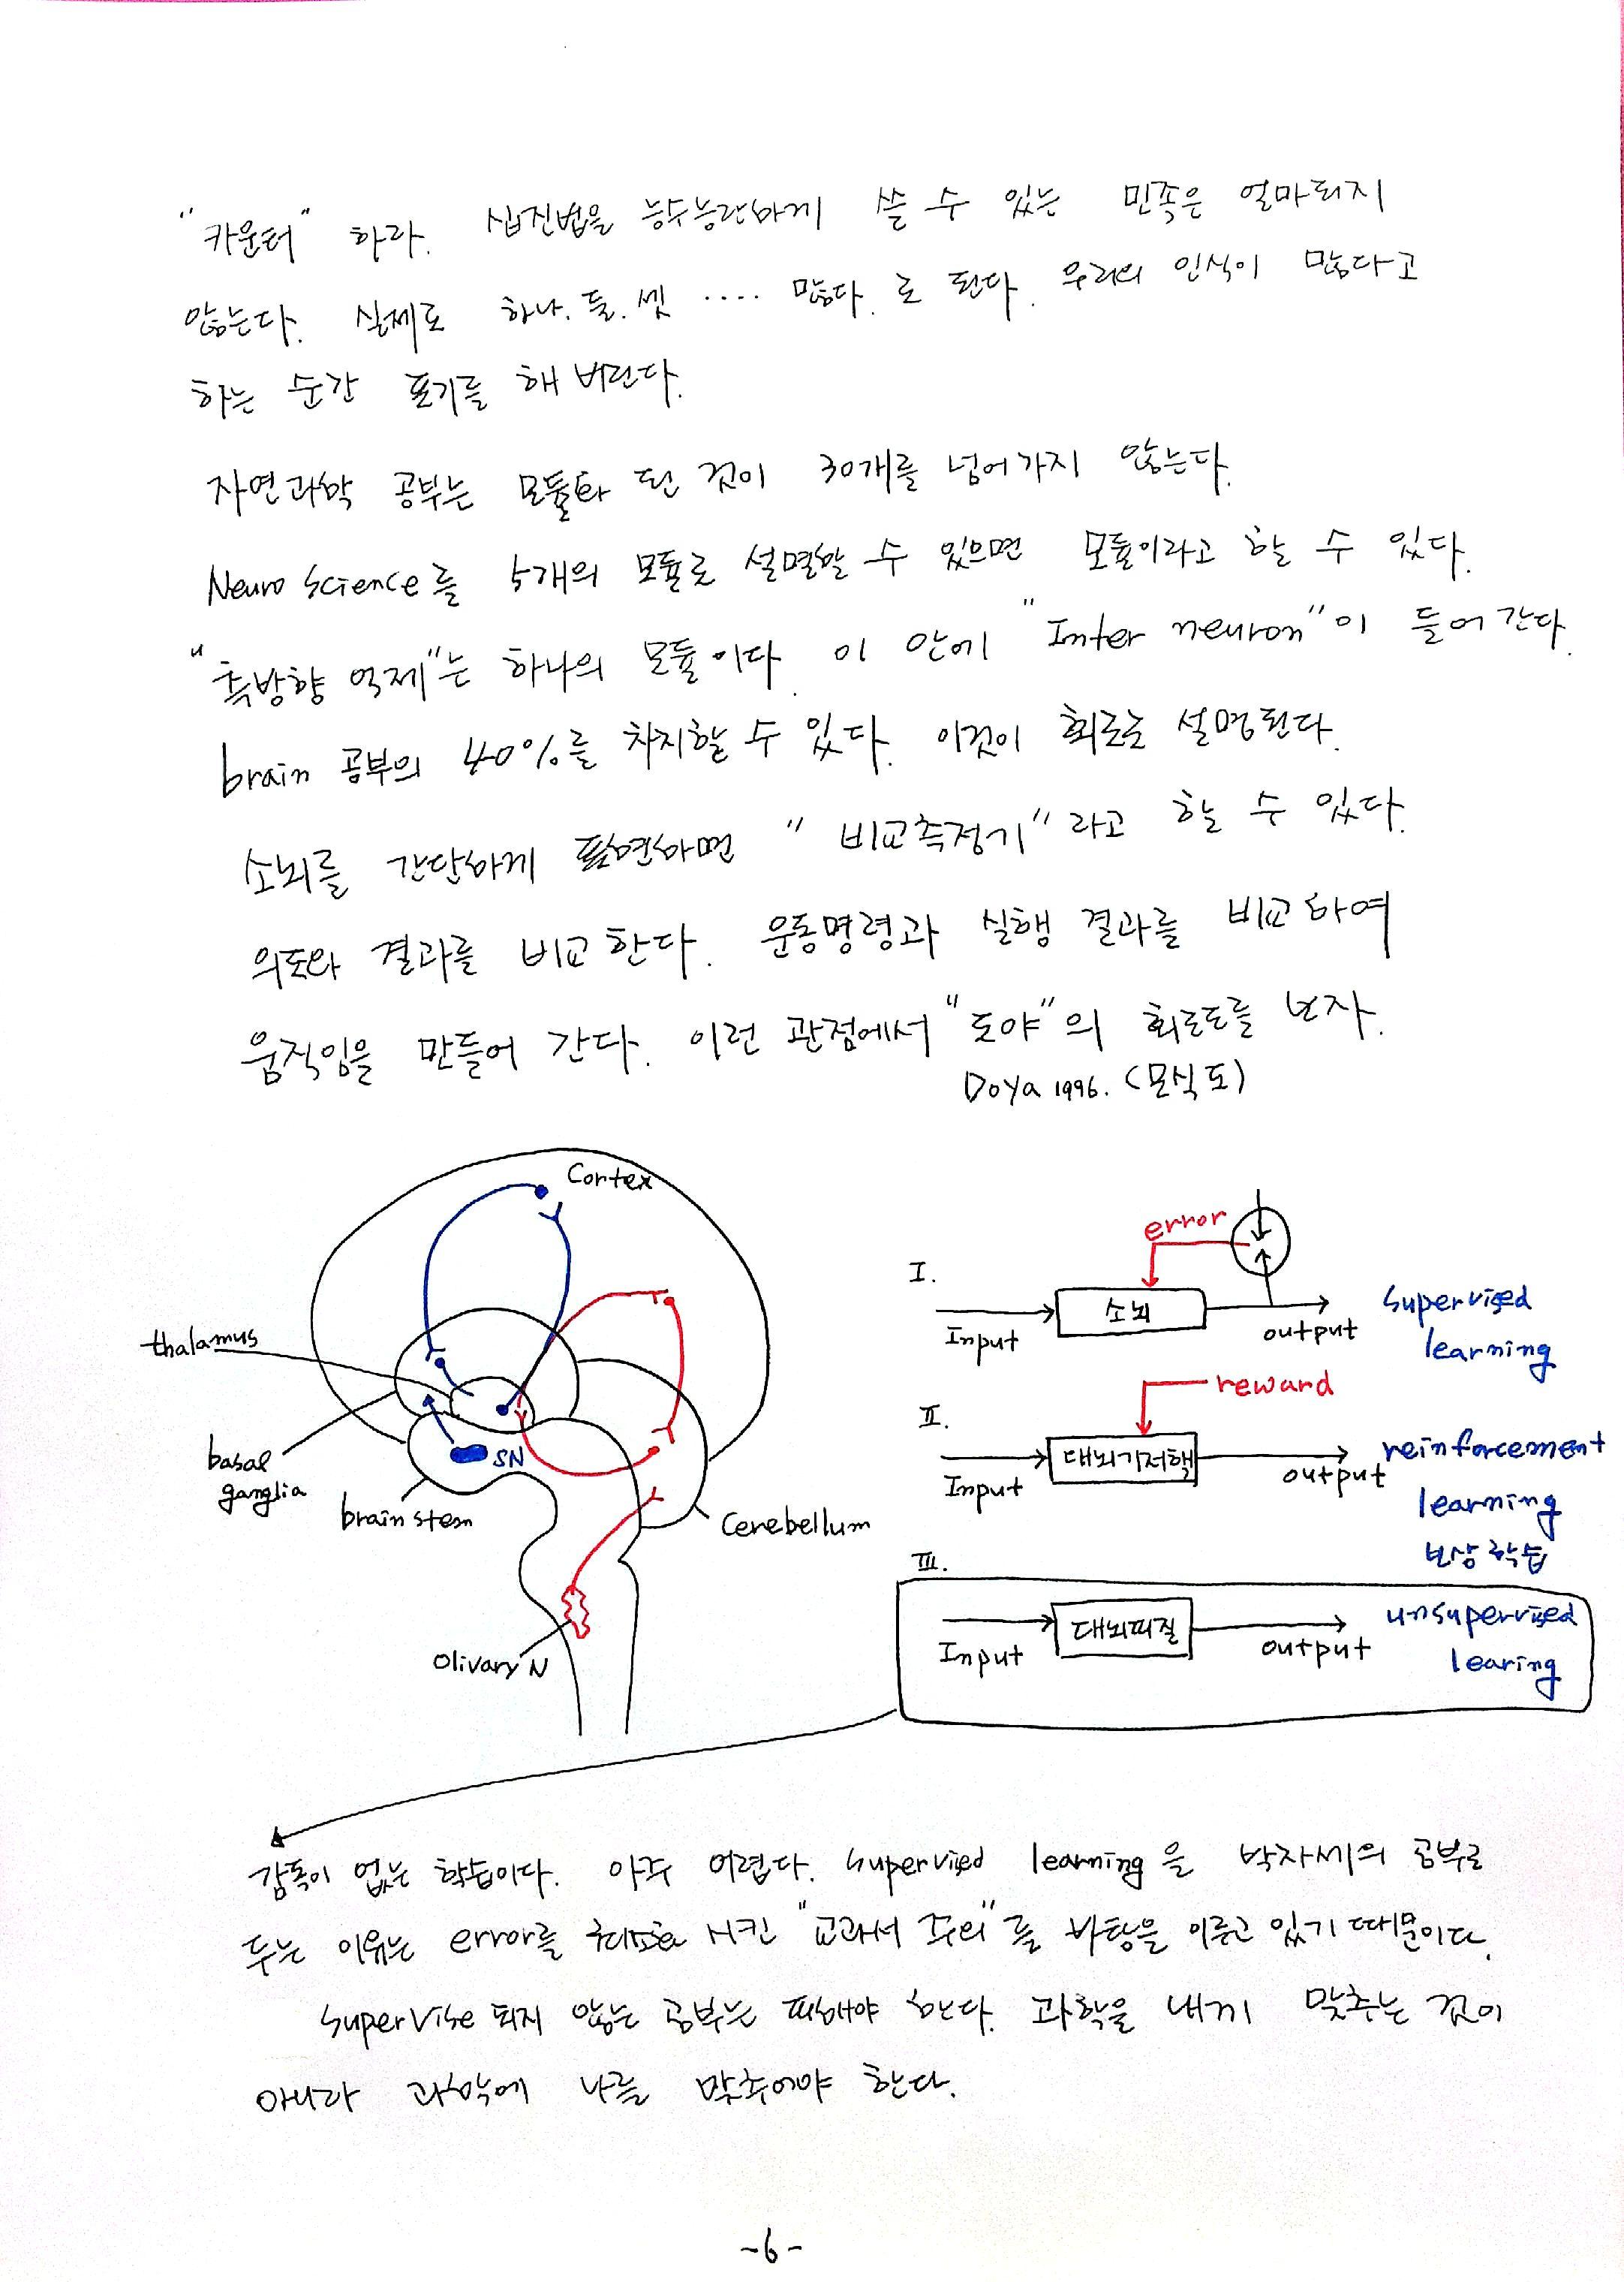 06-2012-10-15_13-05-36_835.jpg